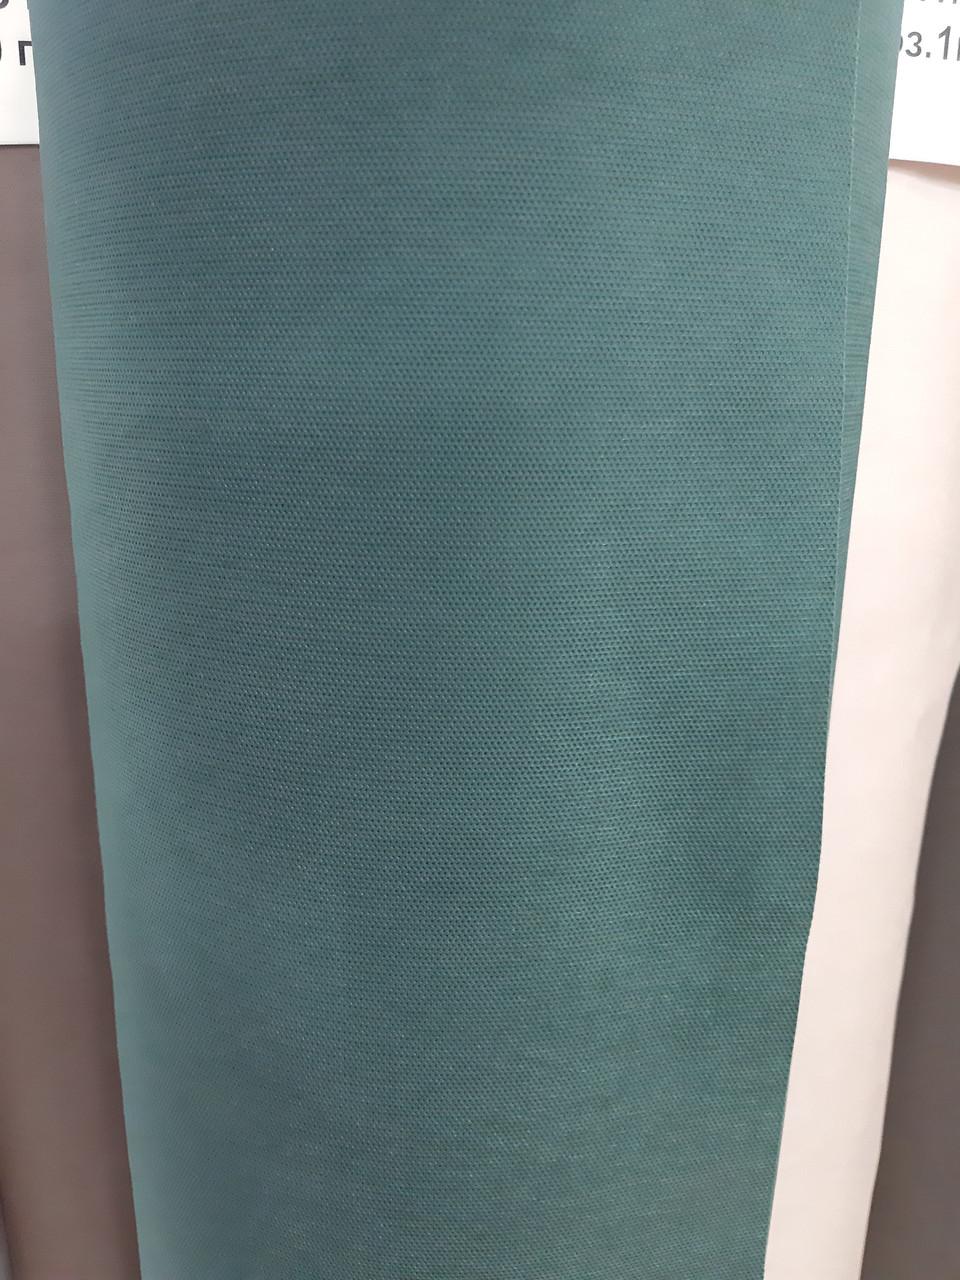 Спанбонд 90 г/м цв зеленый темный ширина 160см (рул 100м)